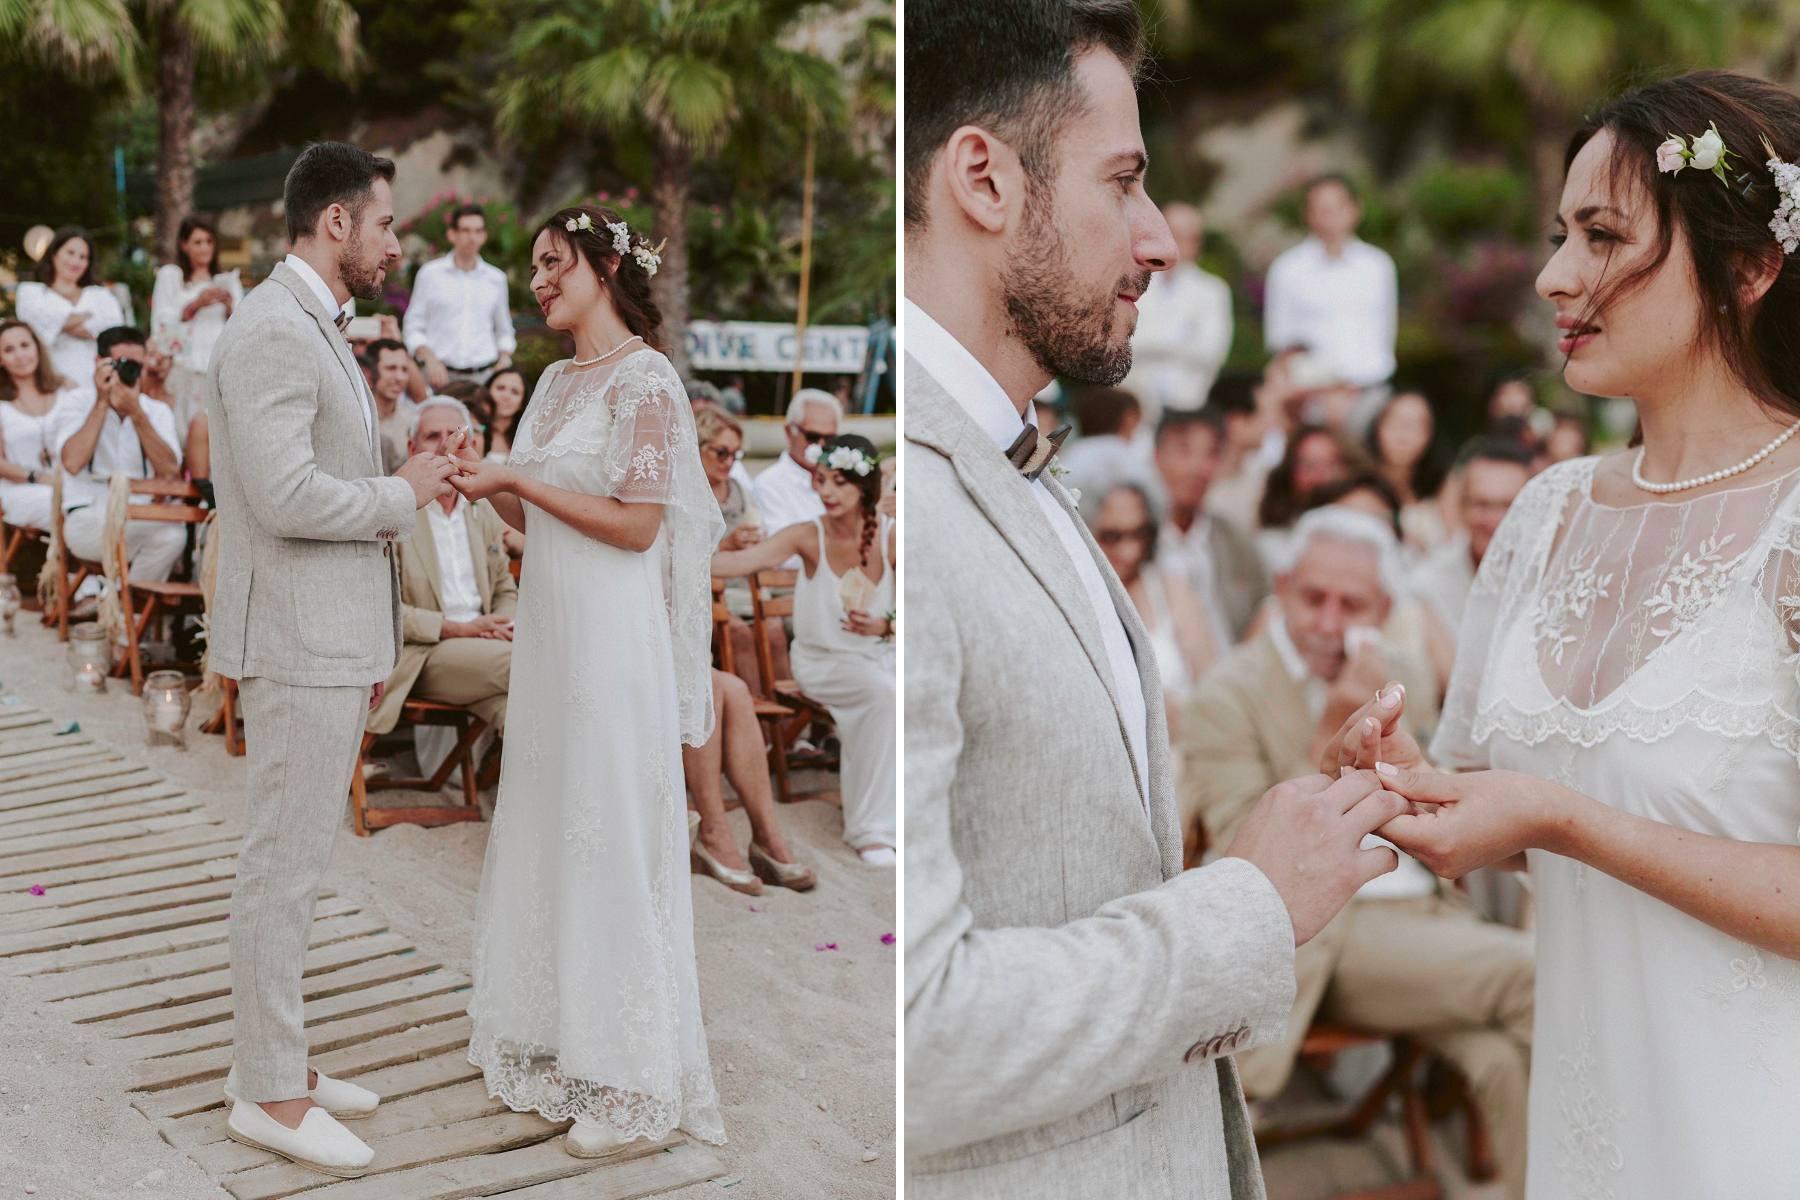 Fotografo+de+bodas+barcelona+girona+cala llevado+beach wedding_080